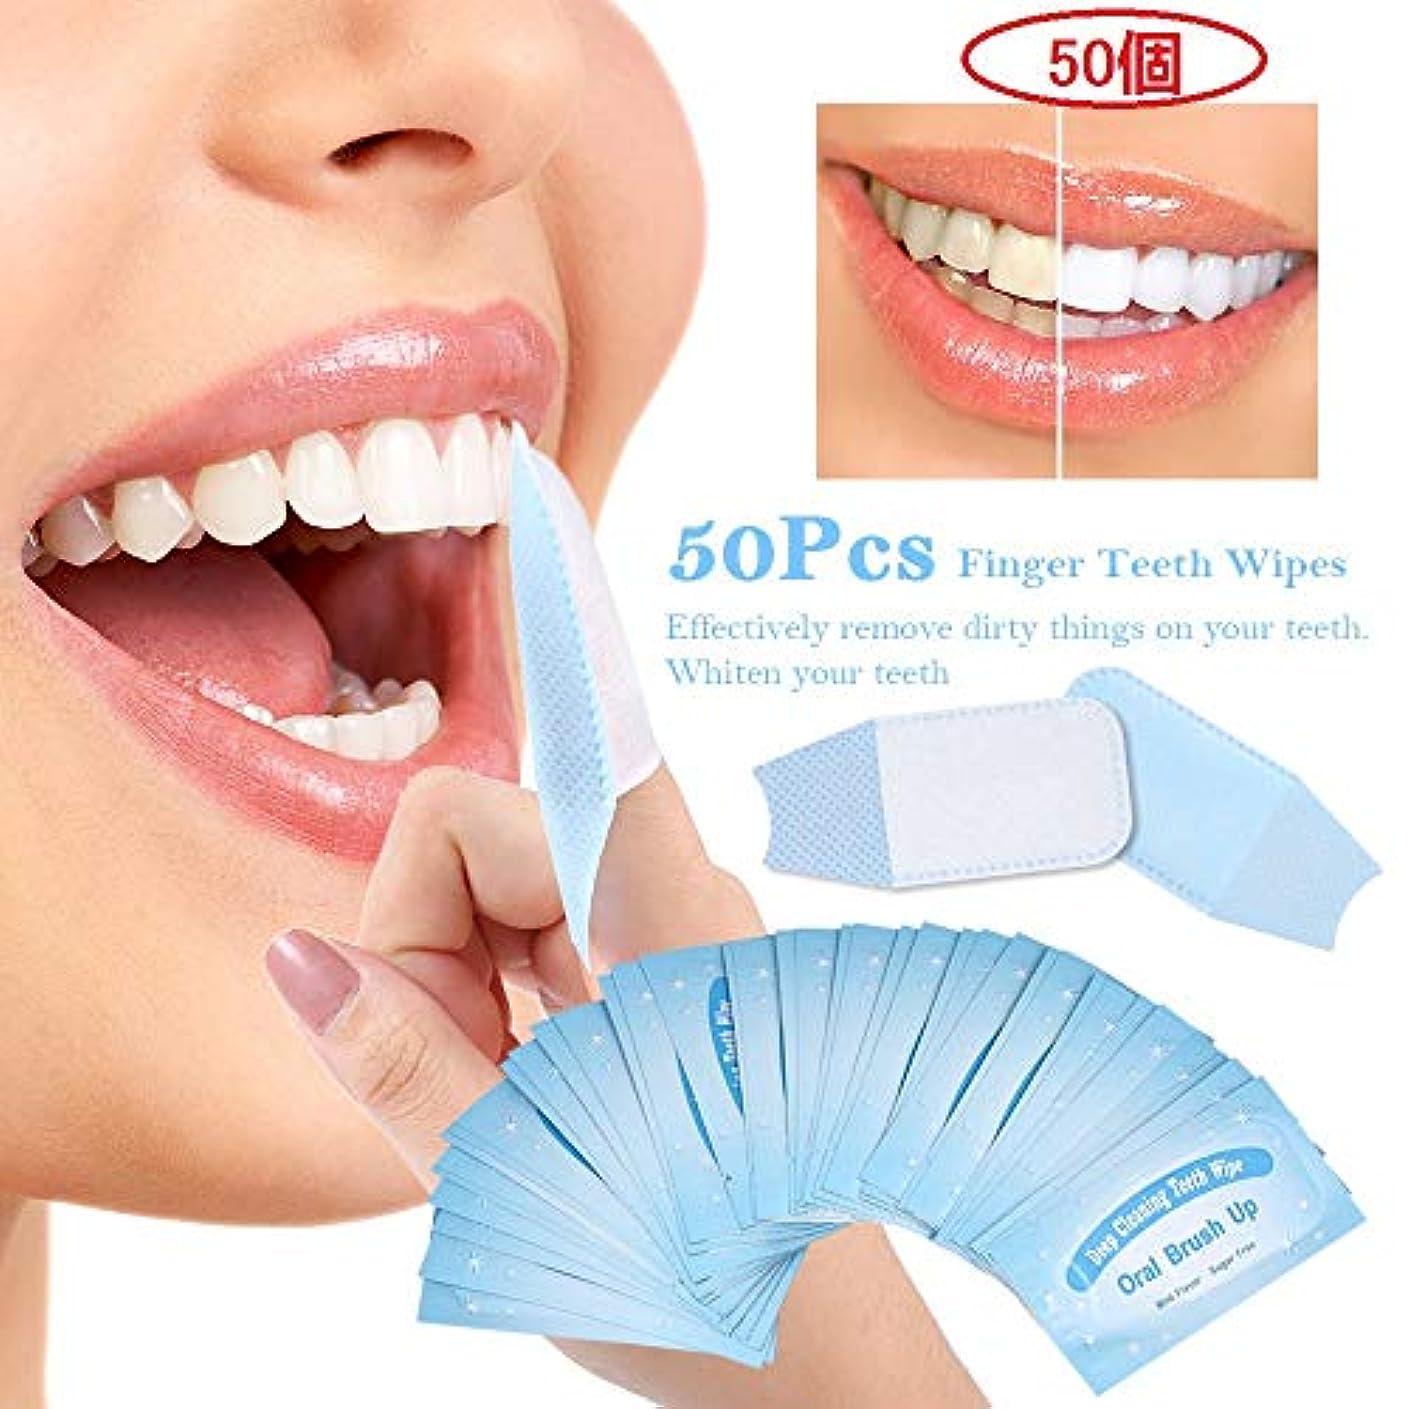 許す失何でも50個-口腔衛生指の歯ワイプ歯ブラシアップワイプ歯科用ディープクリーニング歯のホワイトニングツール歯科口腔ケア